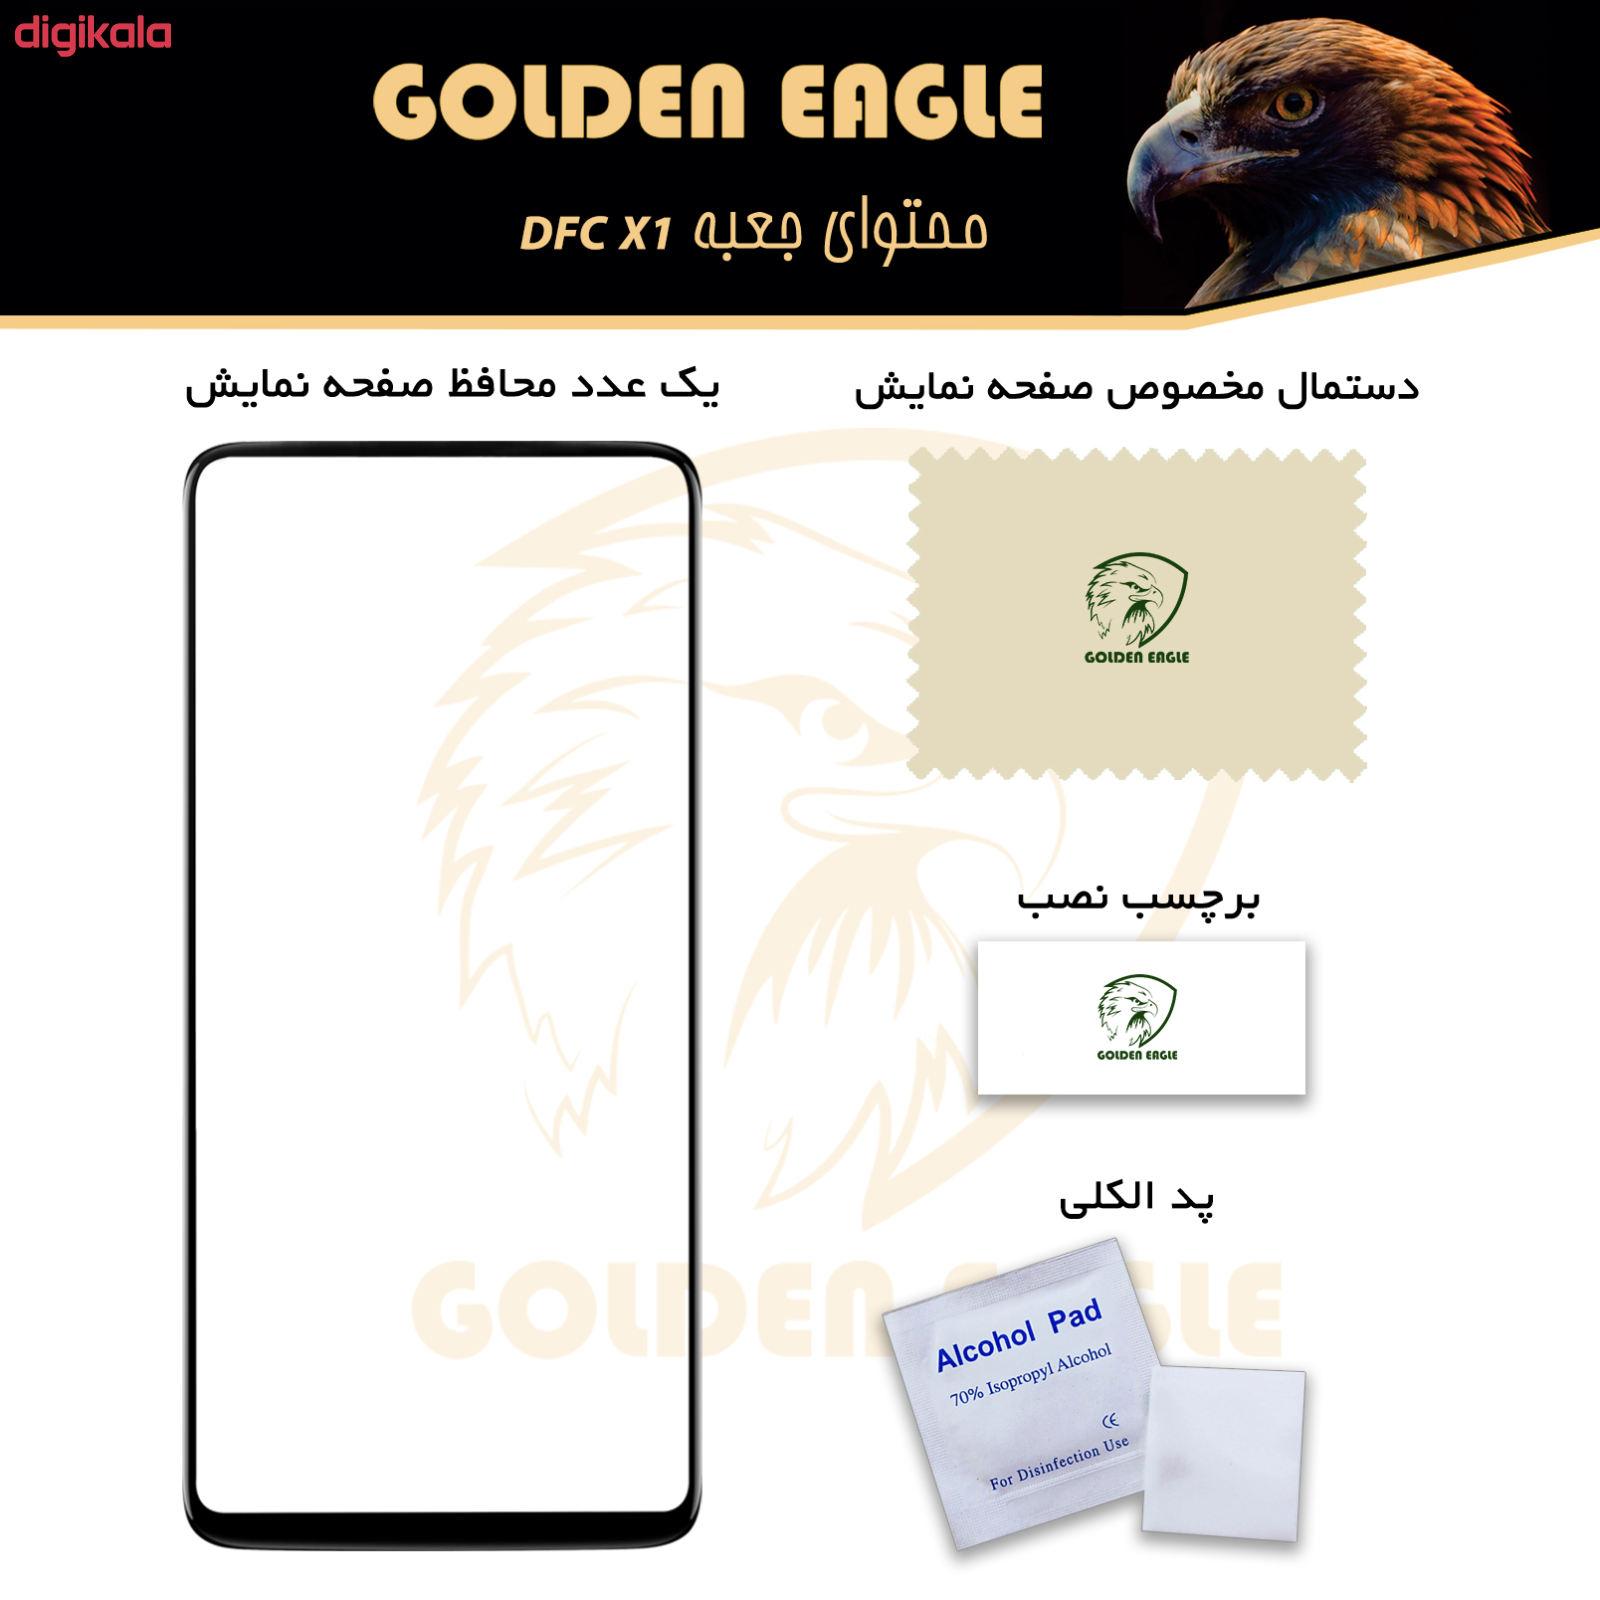 محافظ صفحه نمایش گلدن ایگل مدل DFC-X1 مناسب برای گوشی موبایل نوکیا 6.1 Plus